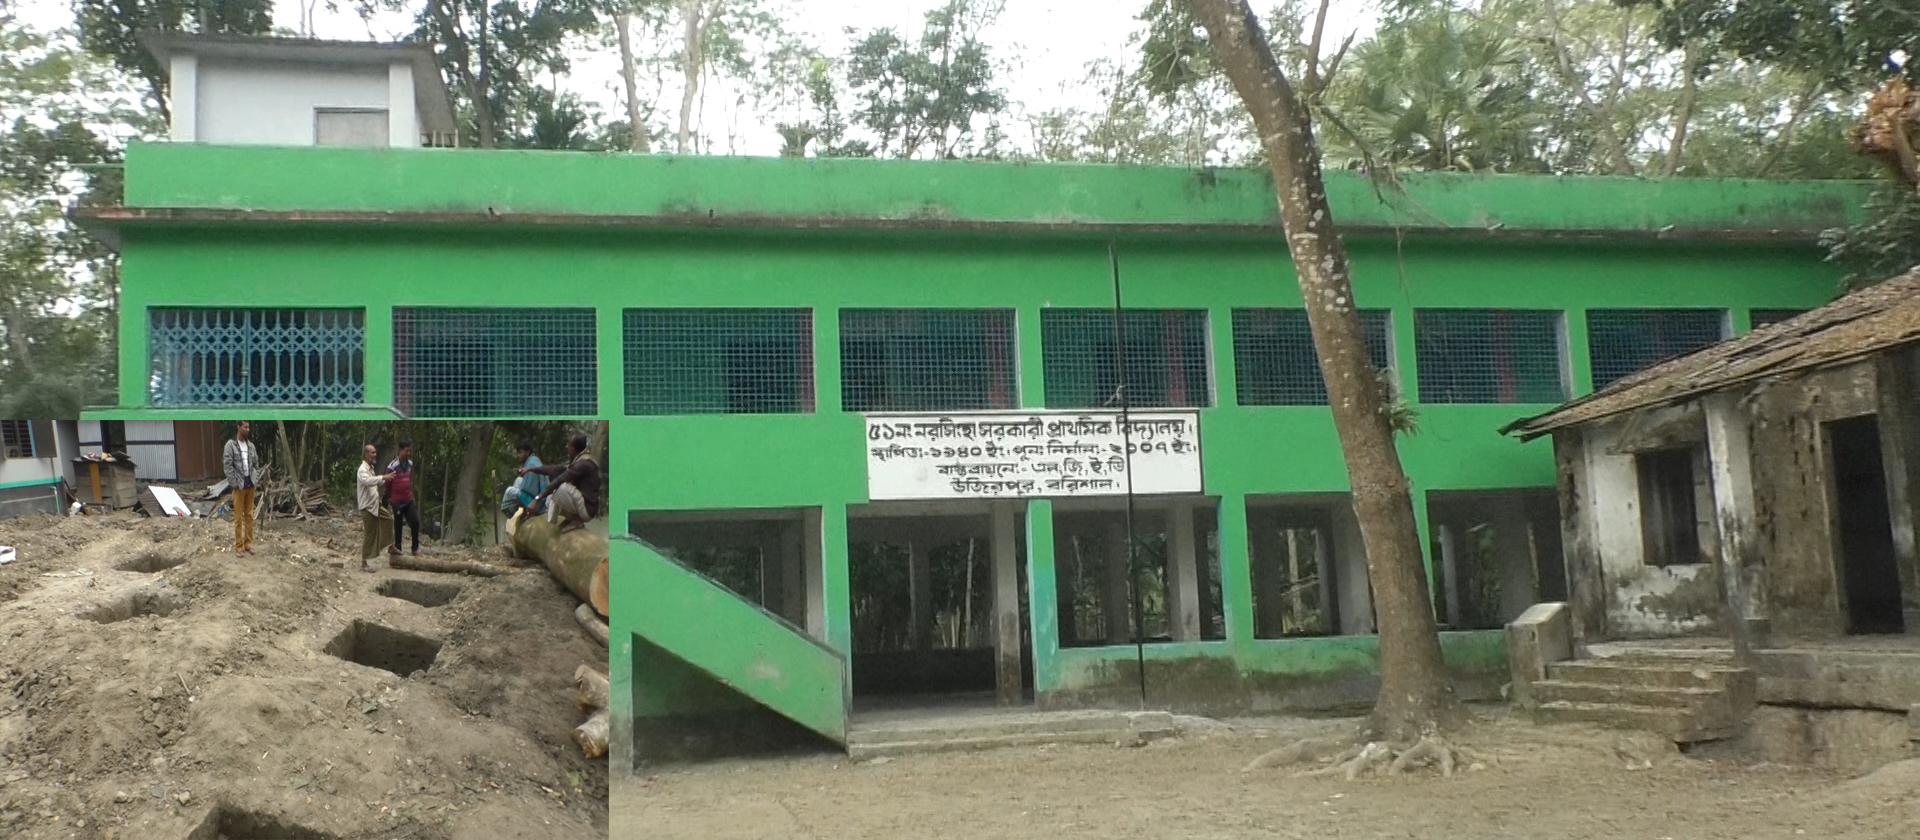 উজিরপুরে সরকারী প্রাথমিক বিদ্যালয়ের জমি দখল করে বাড়ি নির্মানের অভিযোগ উঠেছে